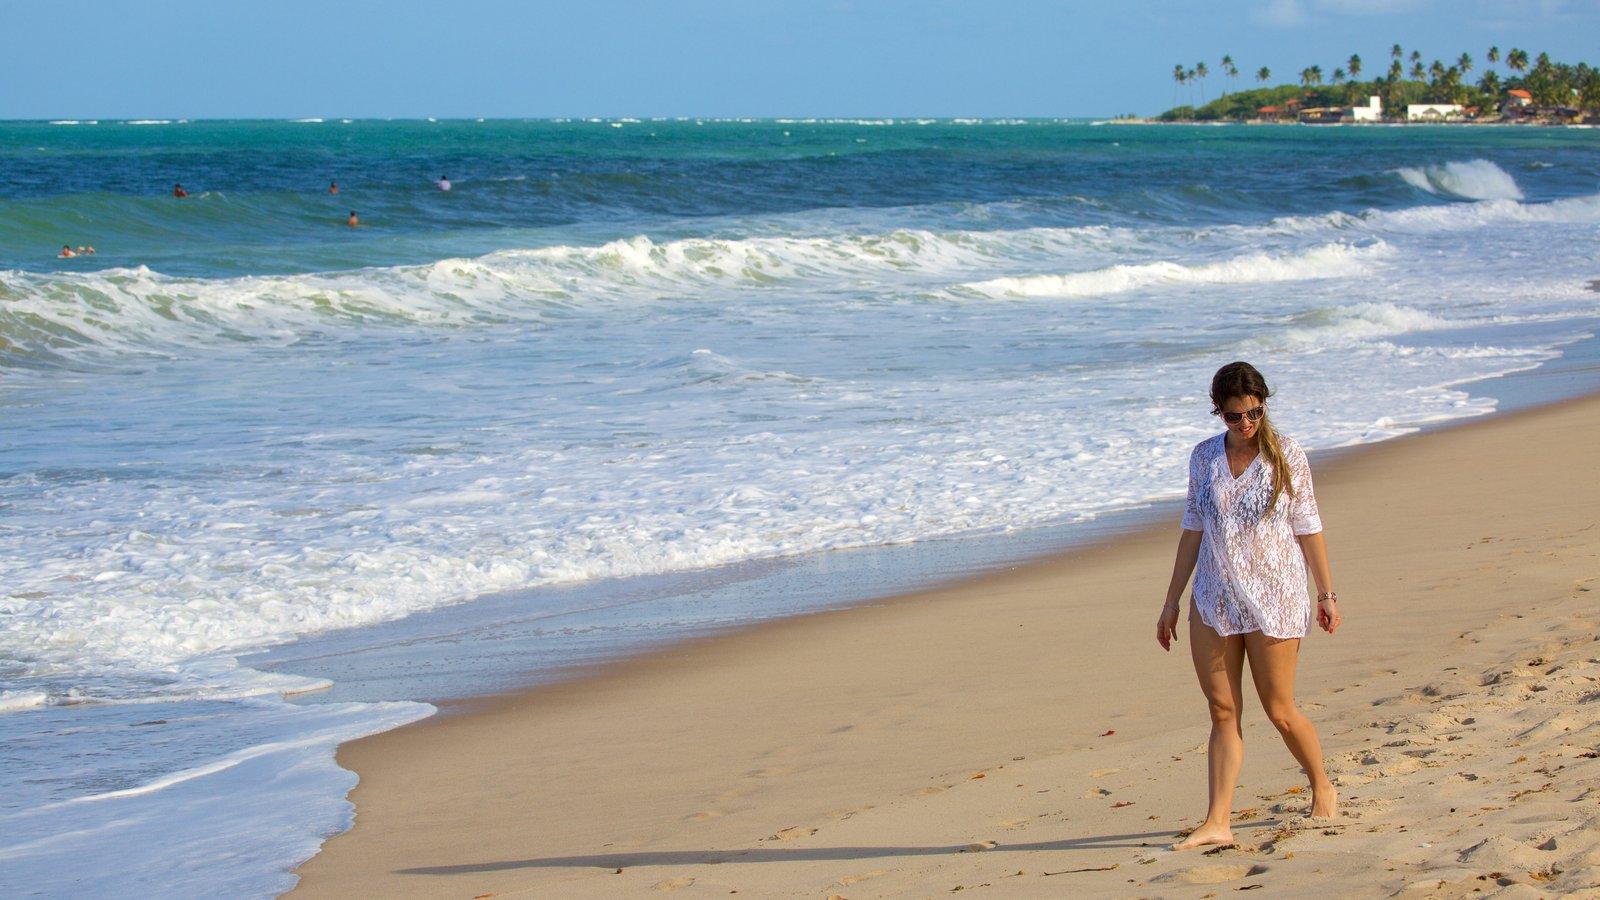 Praia de Maracaípe que inclui uma praia de areia, ondas e paisagens litorâneas